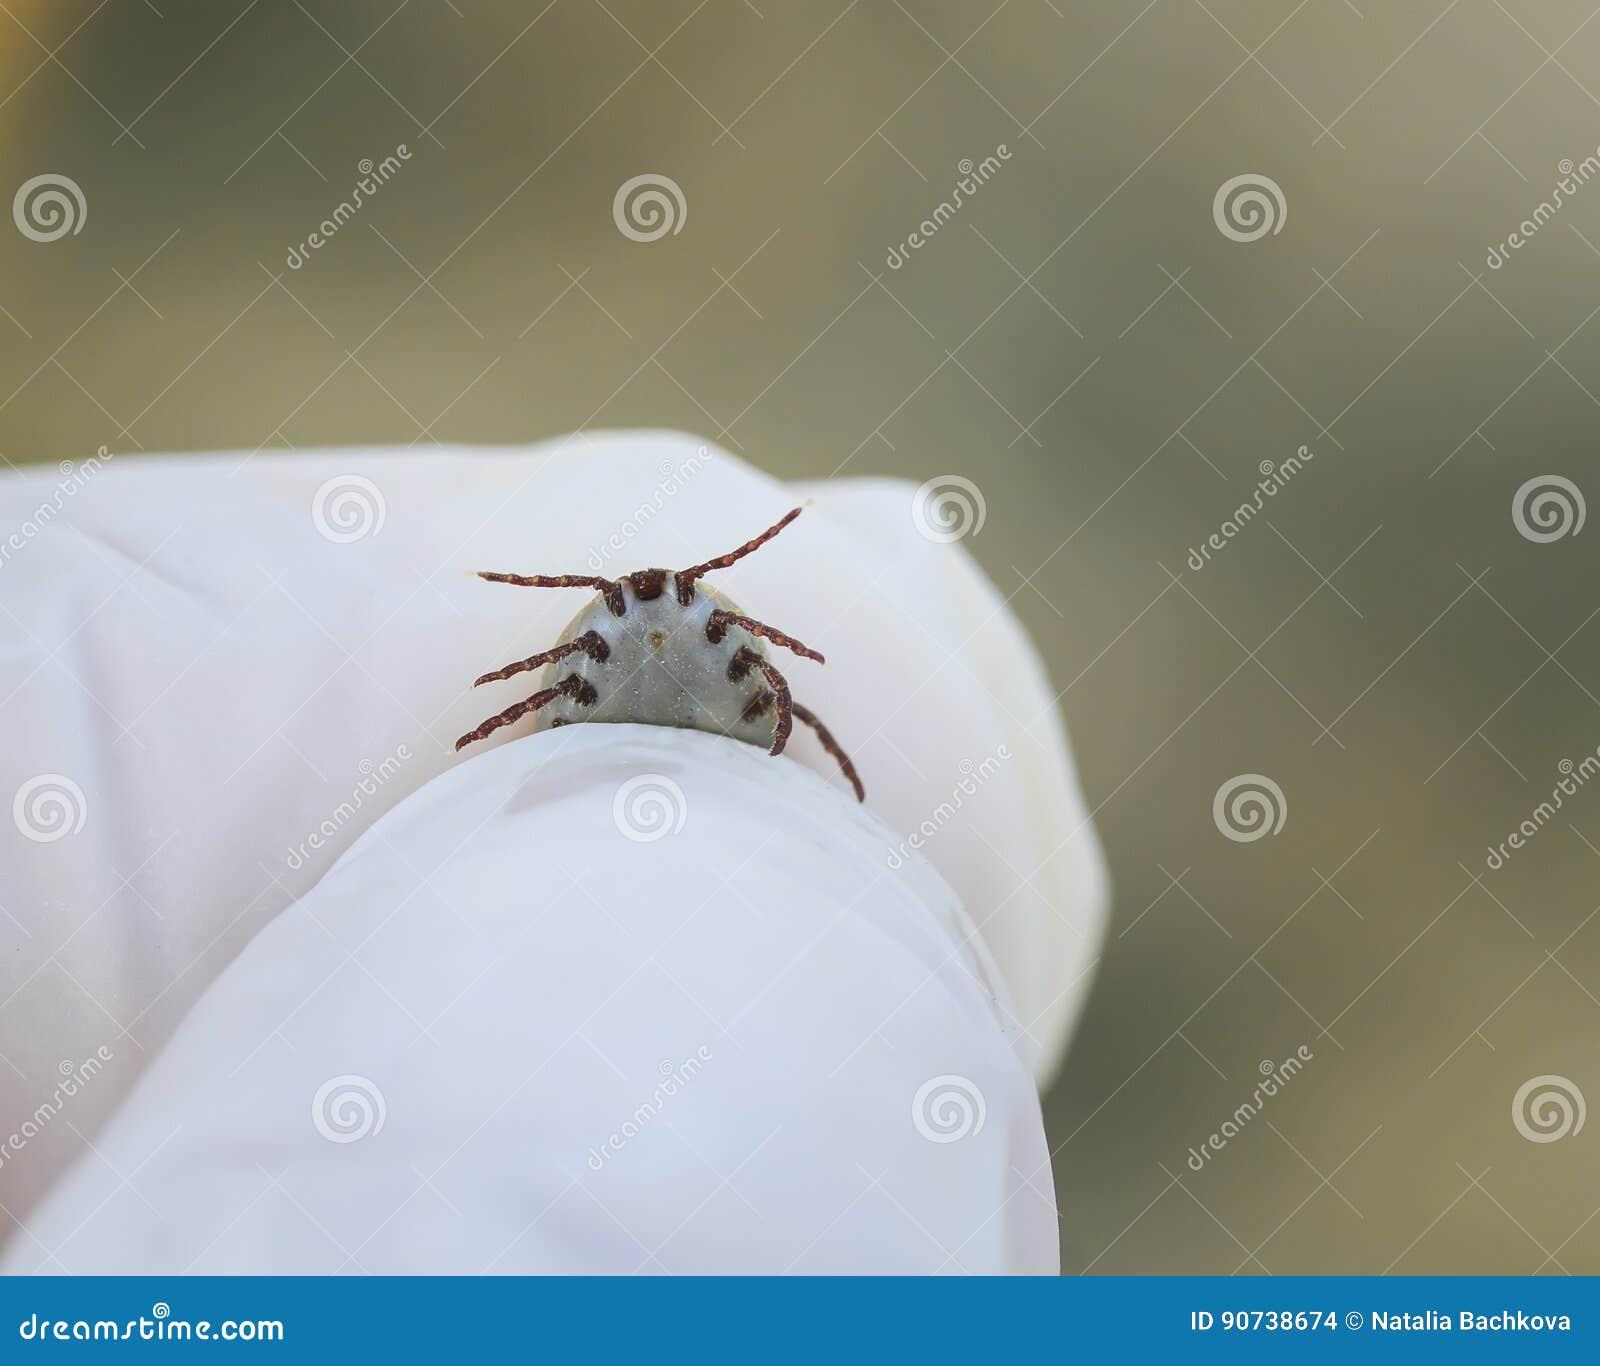 昆虫小蜘蛛在手上加压了血液在橡胶的手套